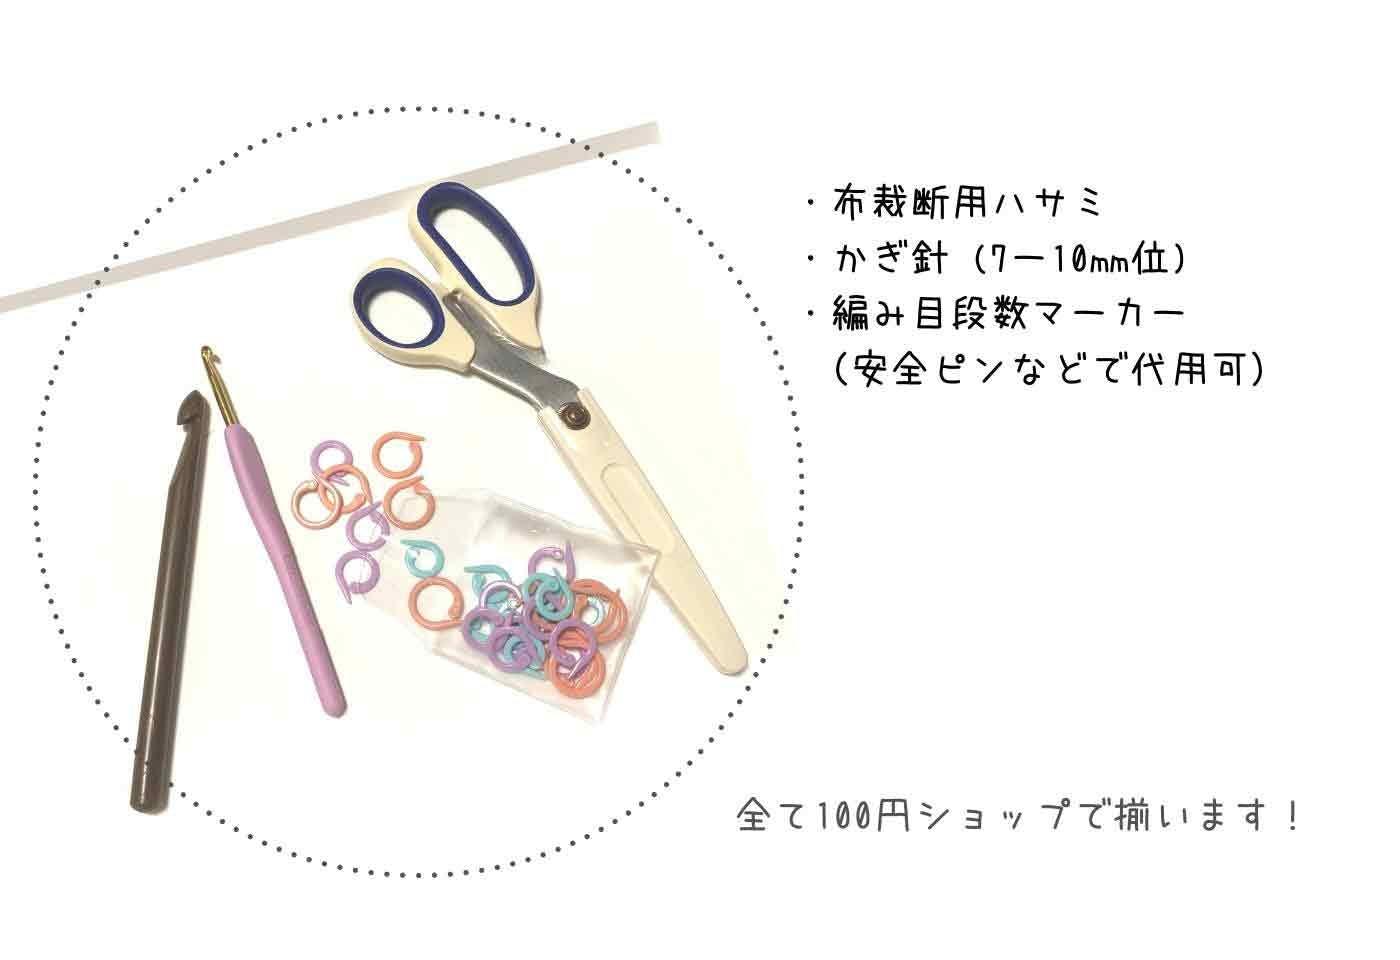 円編みタイプの道具